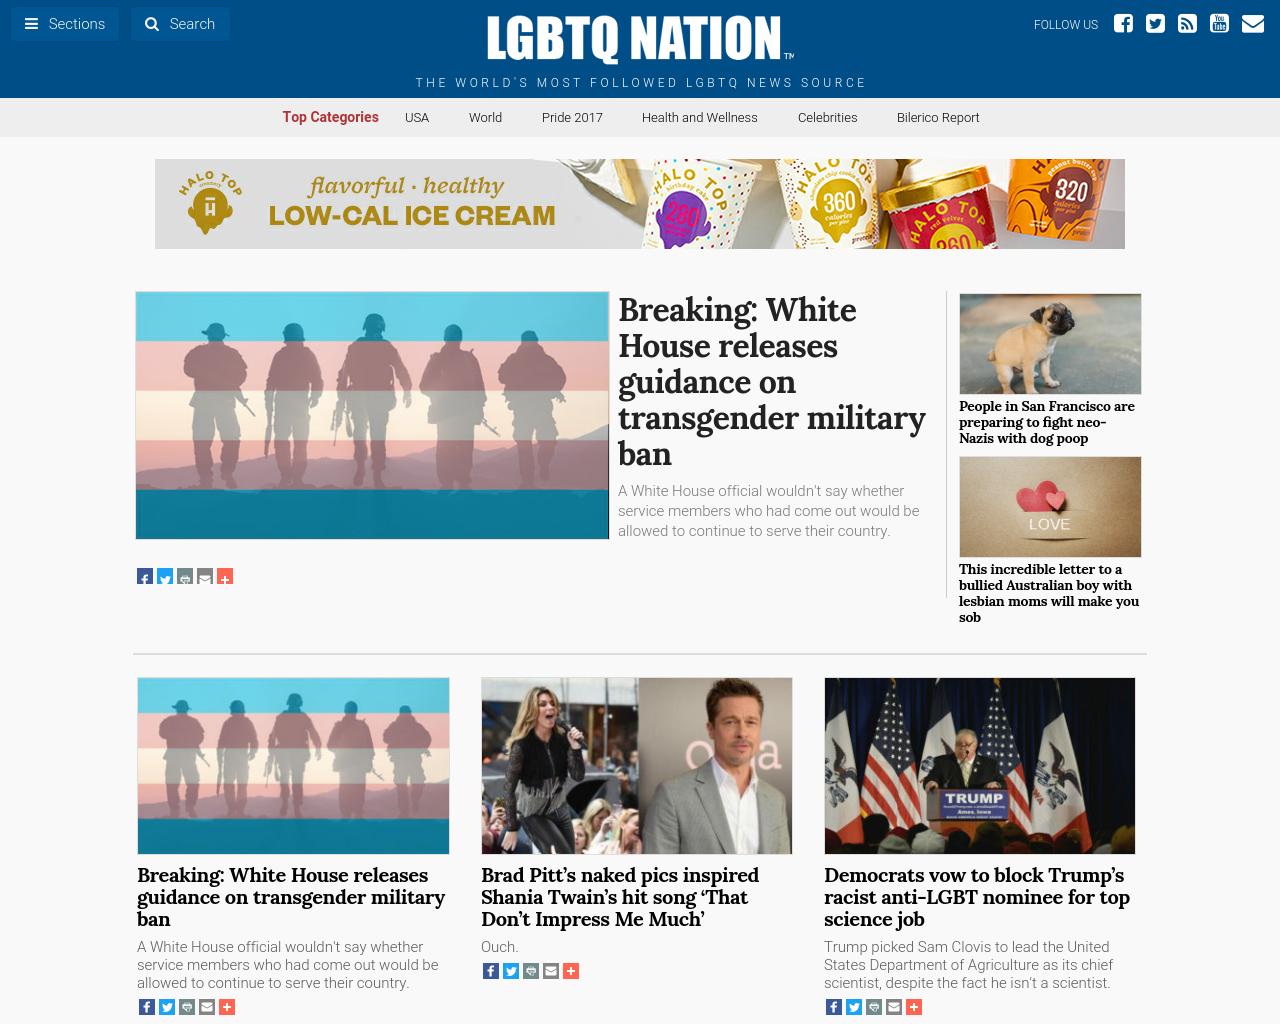 LGBTQ-NATION-Advertising-Reviews-Pricing